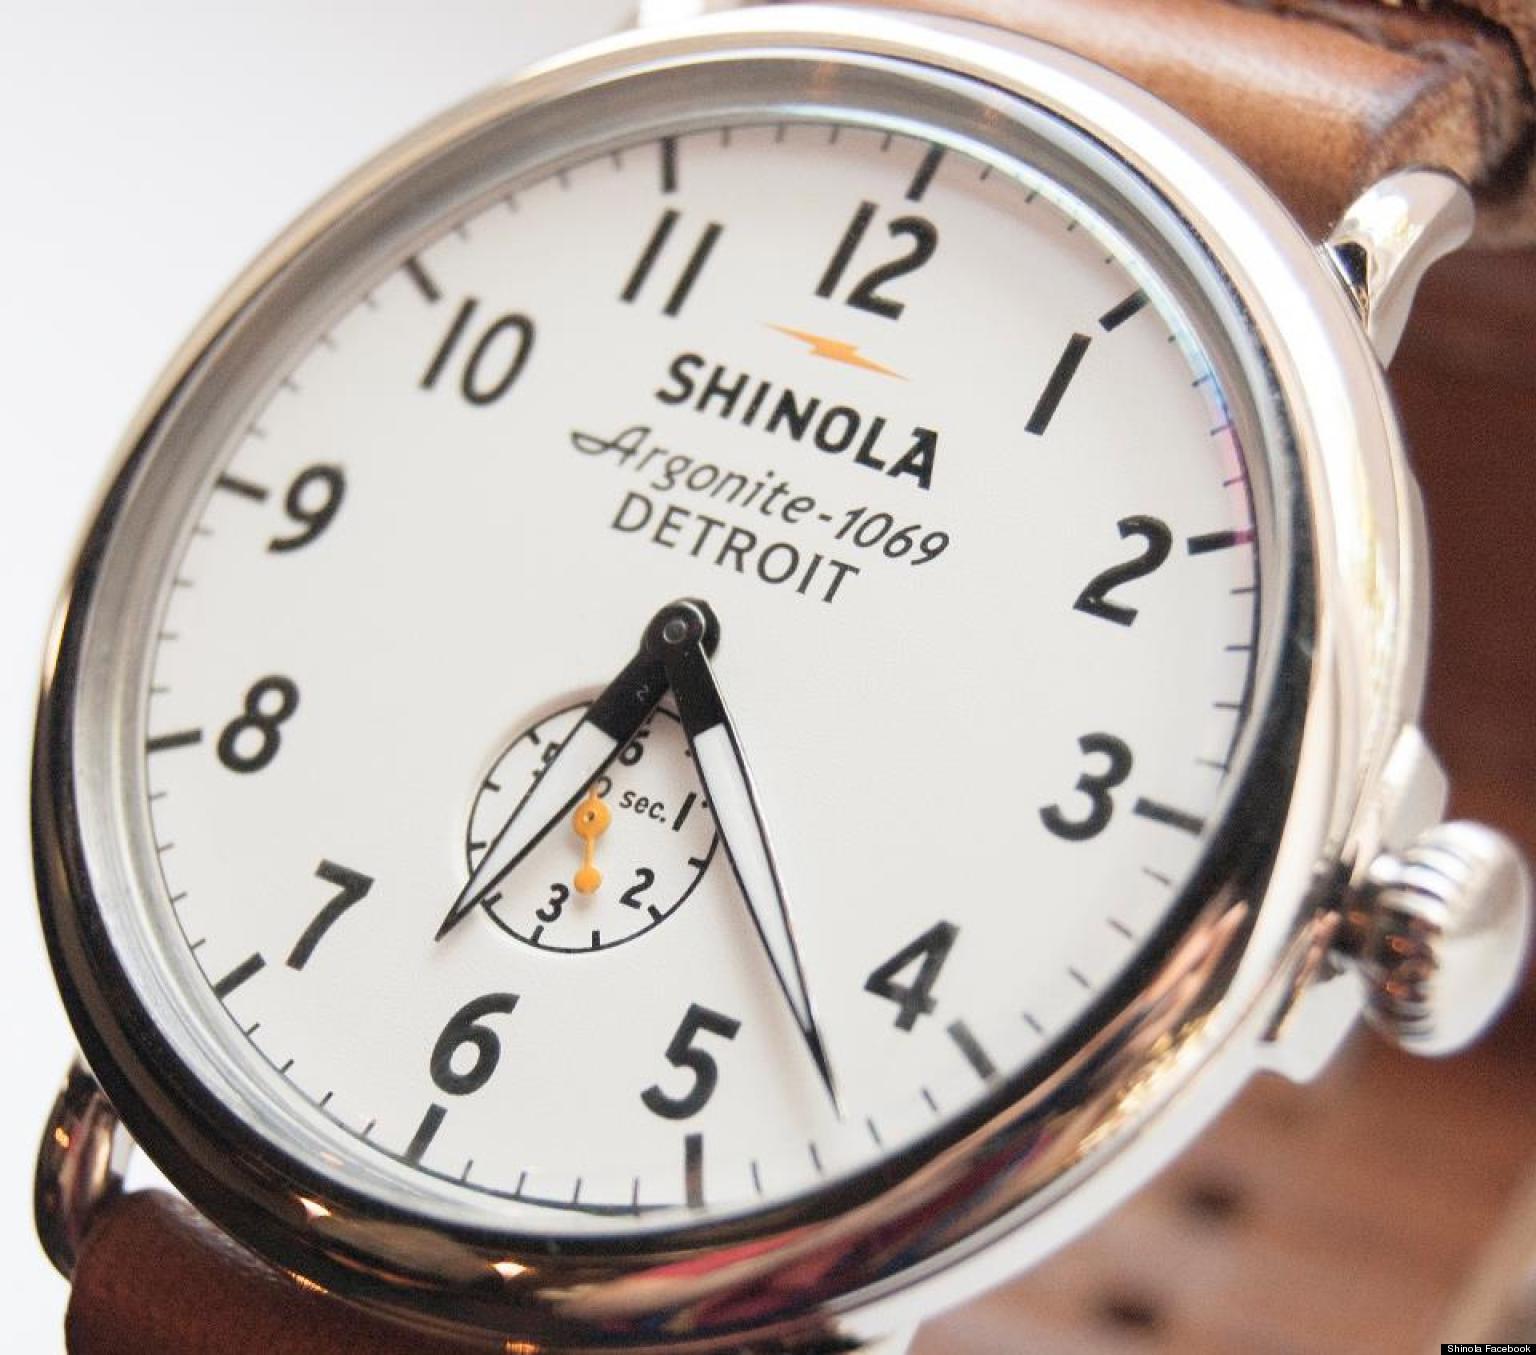 Shinola Automatic | Shinola Watch | Shinola Chronograph